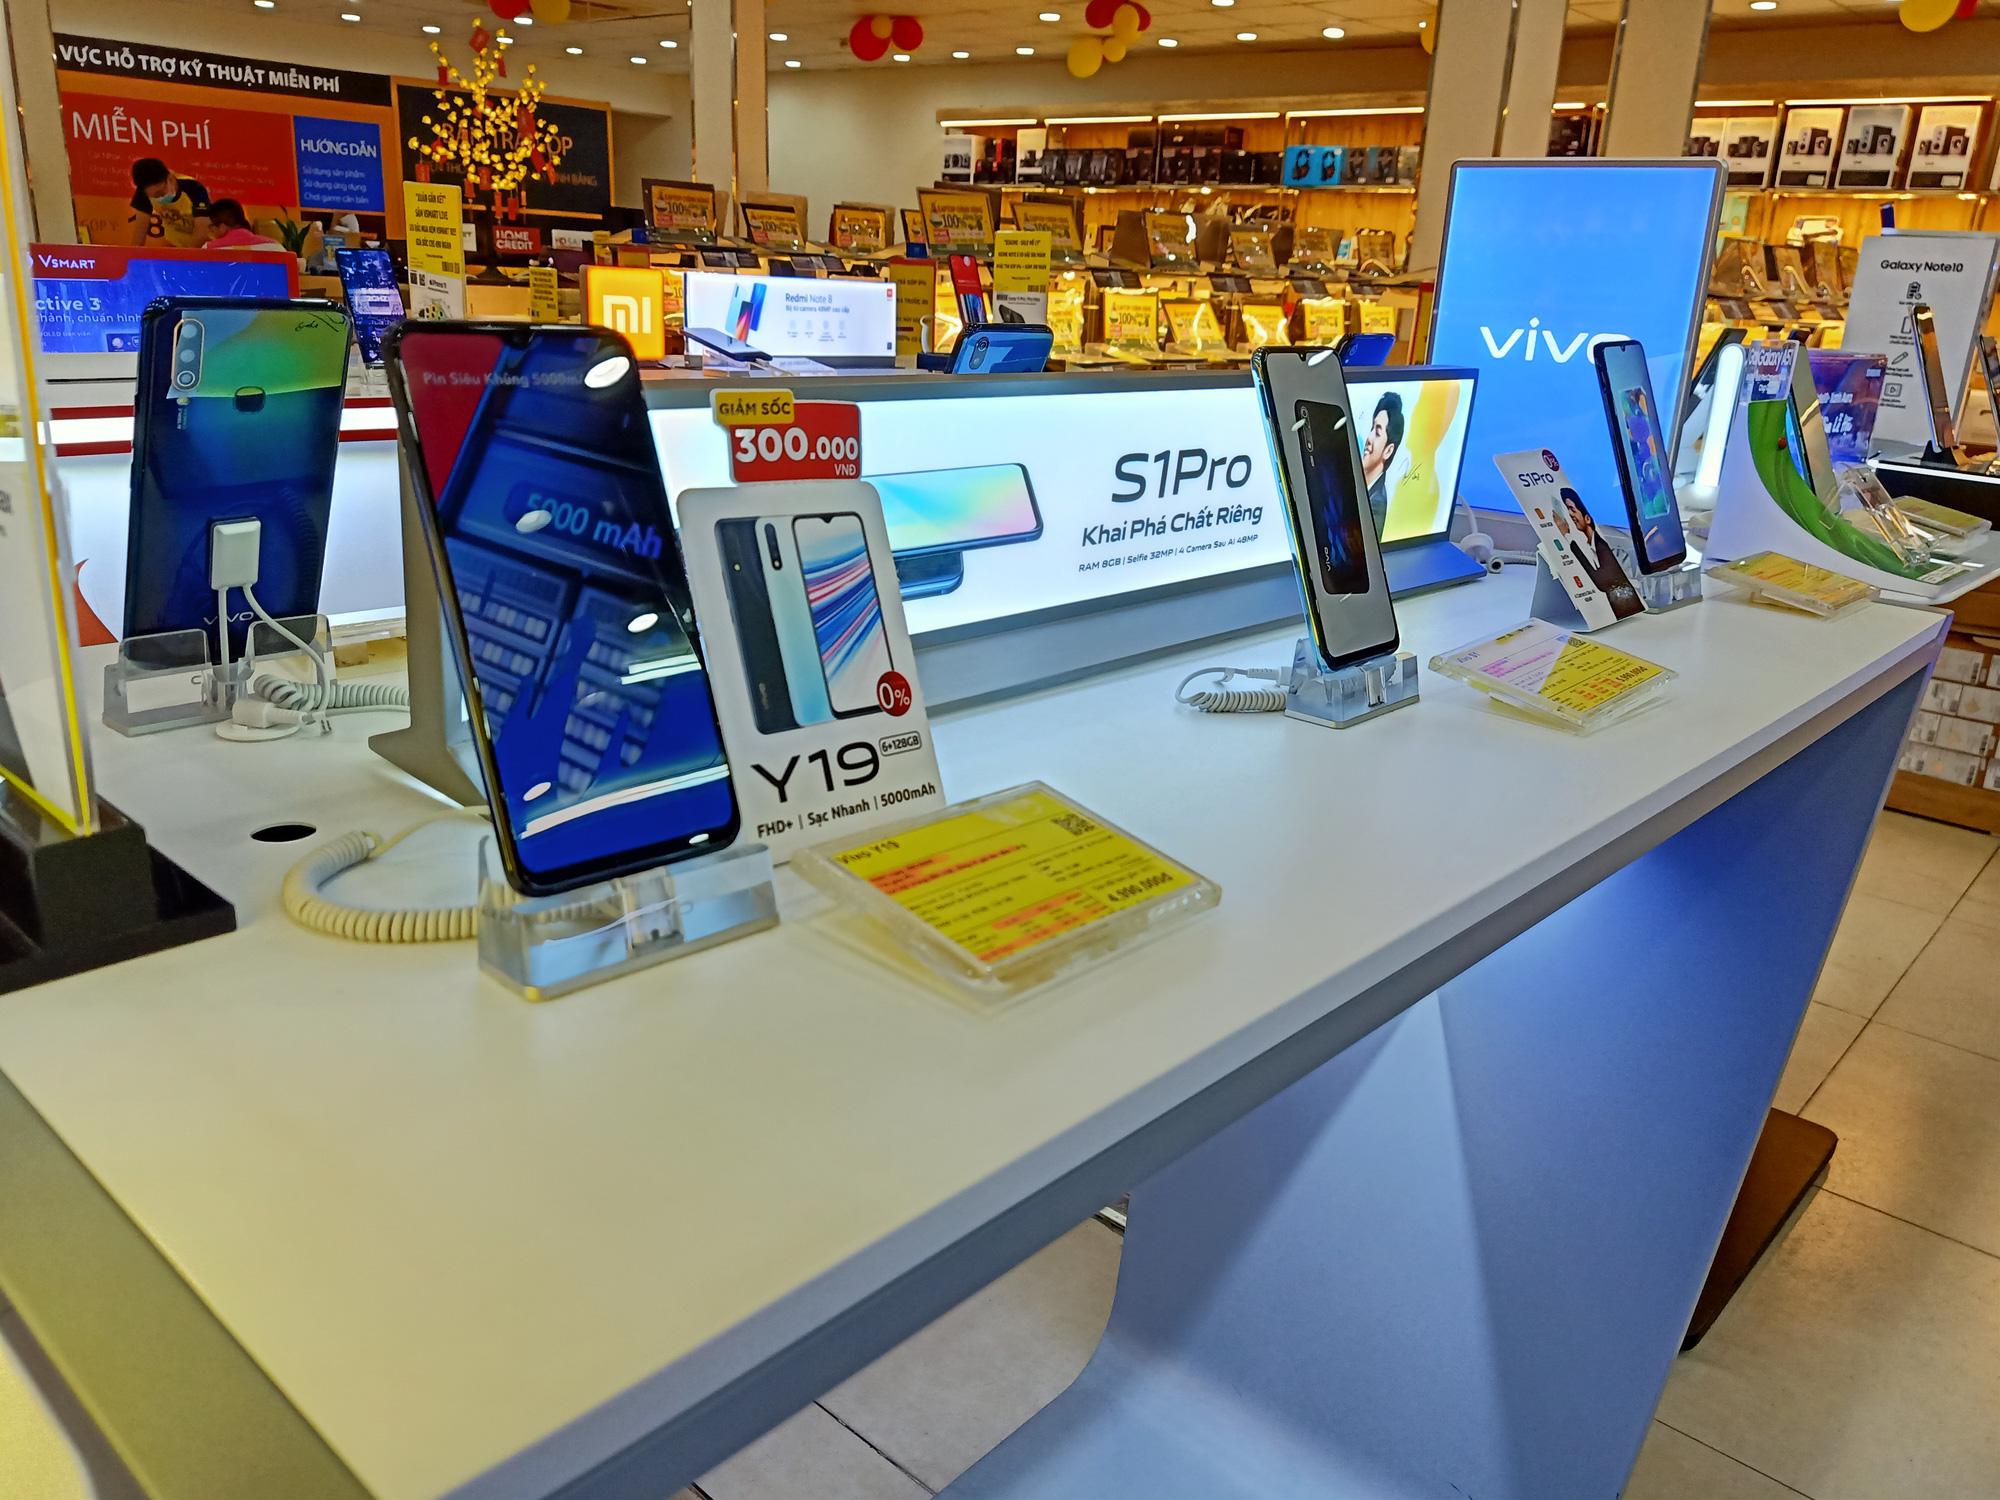 Điện thoại giảm giá tuần này: iPhone tiếp tục giảm nhẹ, Android tưng bừng khuyến mãi - Ảnh 5.